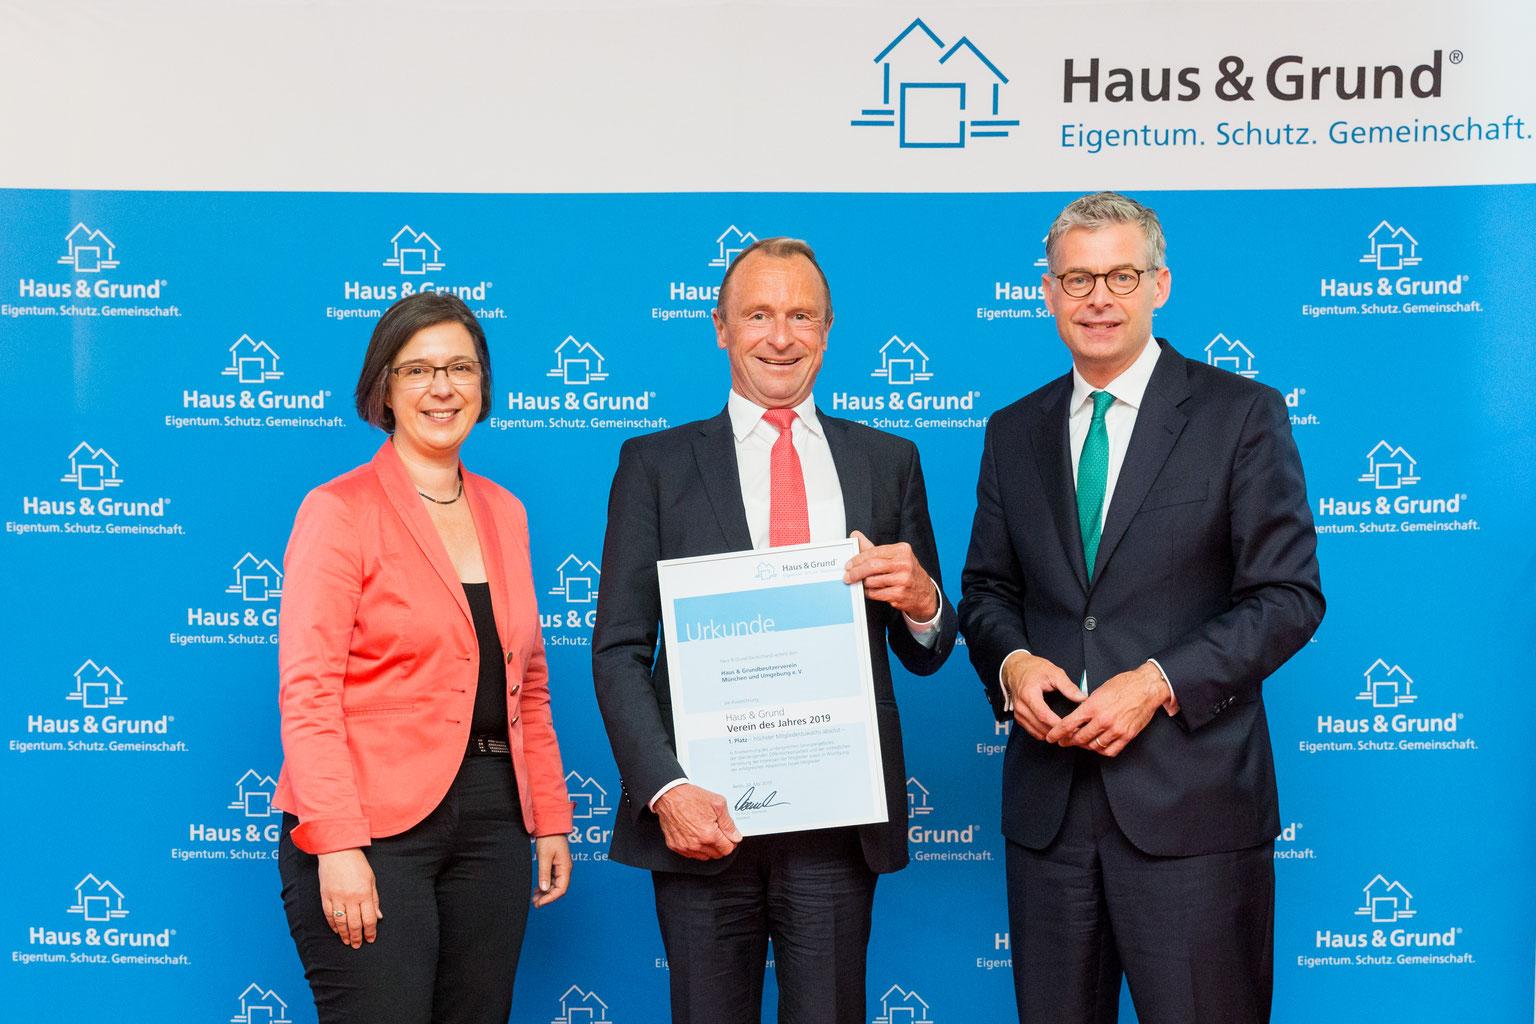 Mietvertrag Haus Und Grund Bayern Ideen Für Möbelbilder